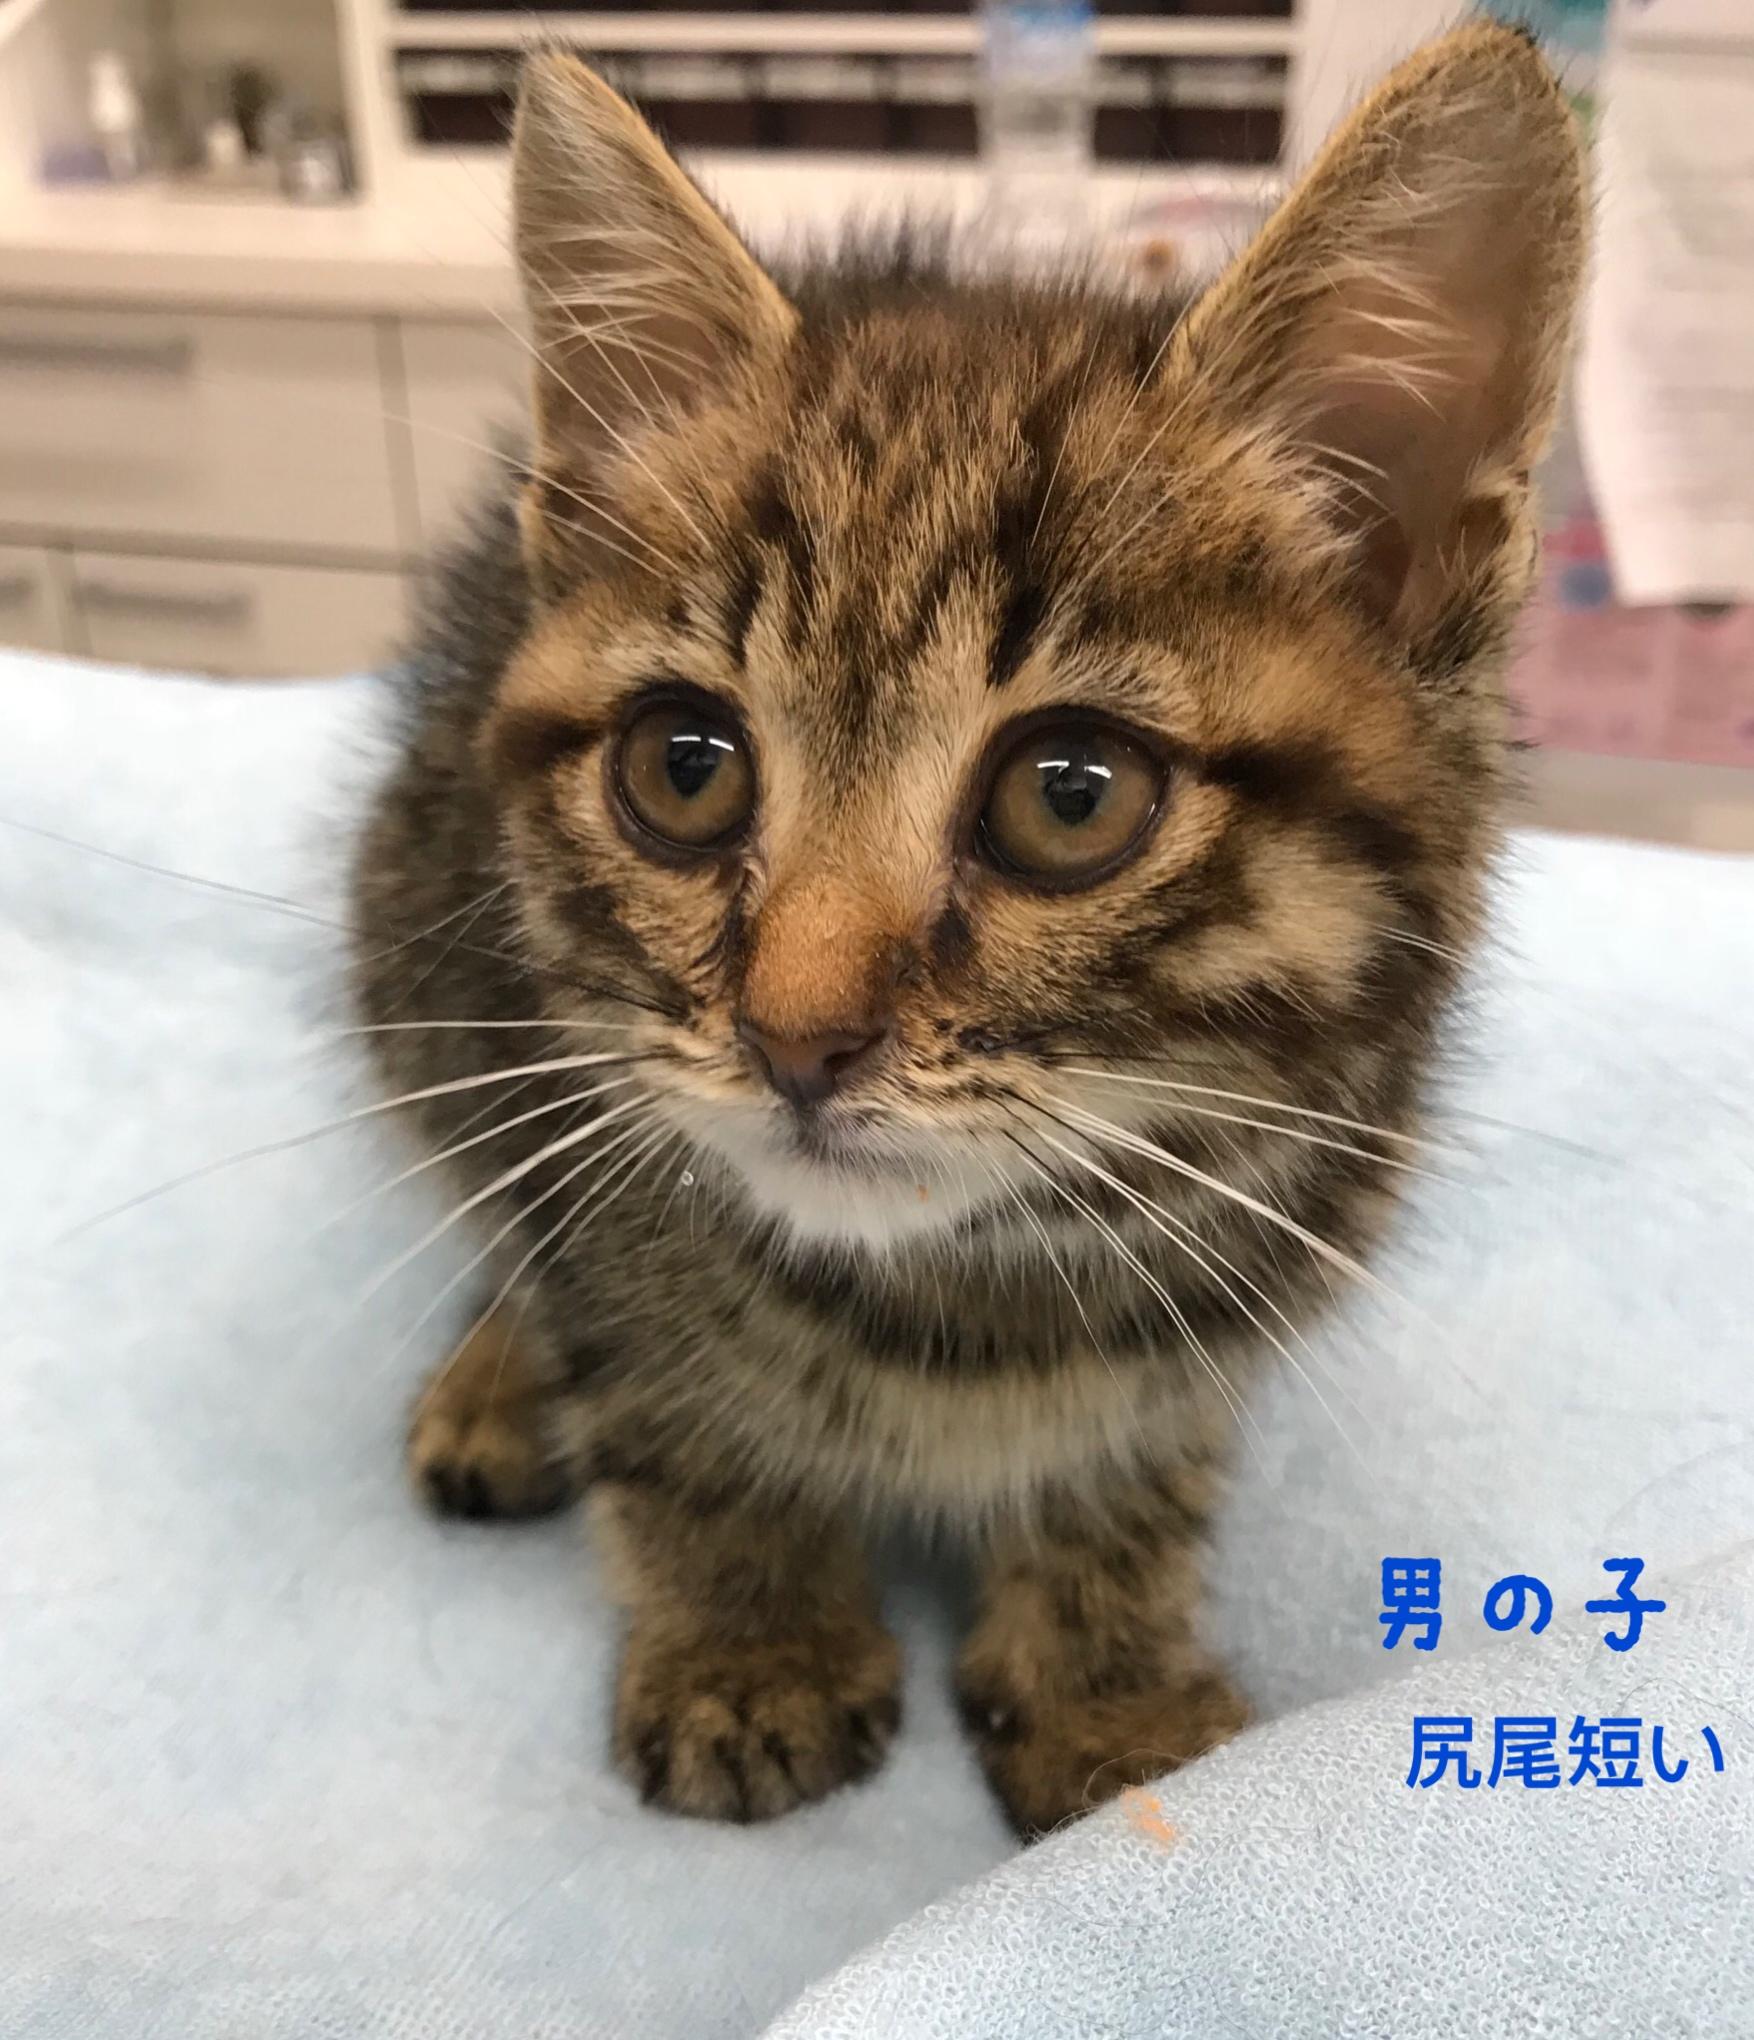 2018.06.30 高岡キジ♂